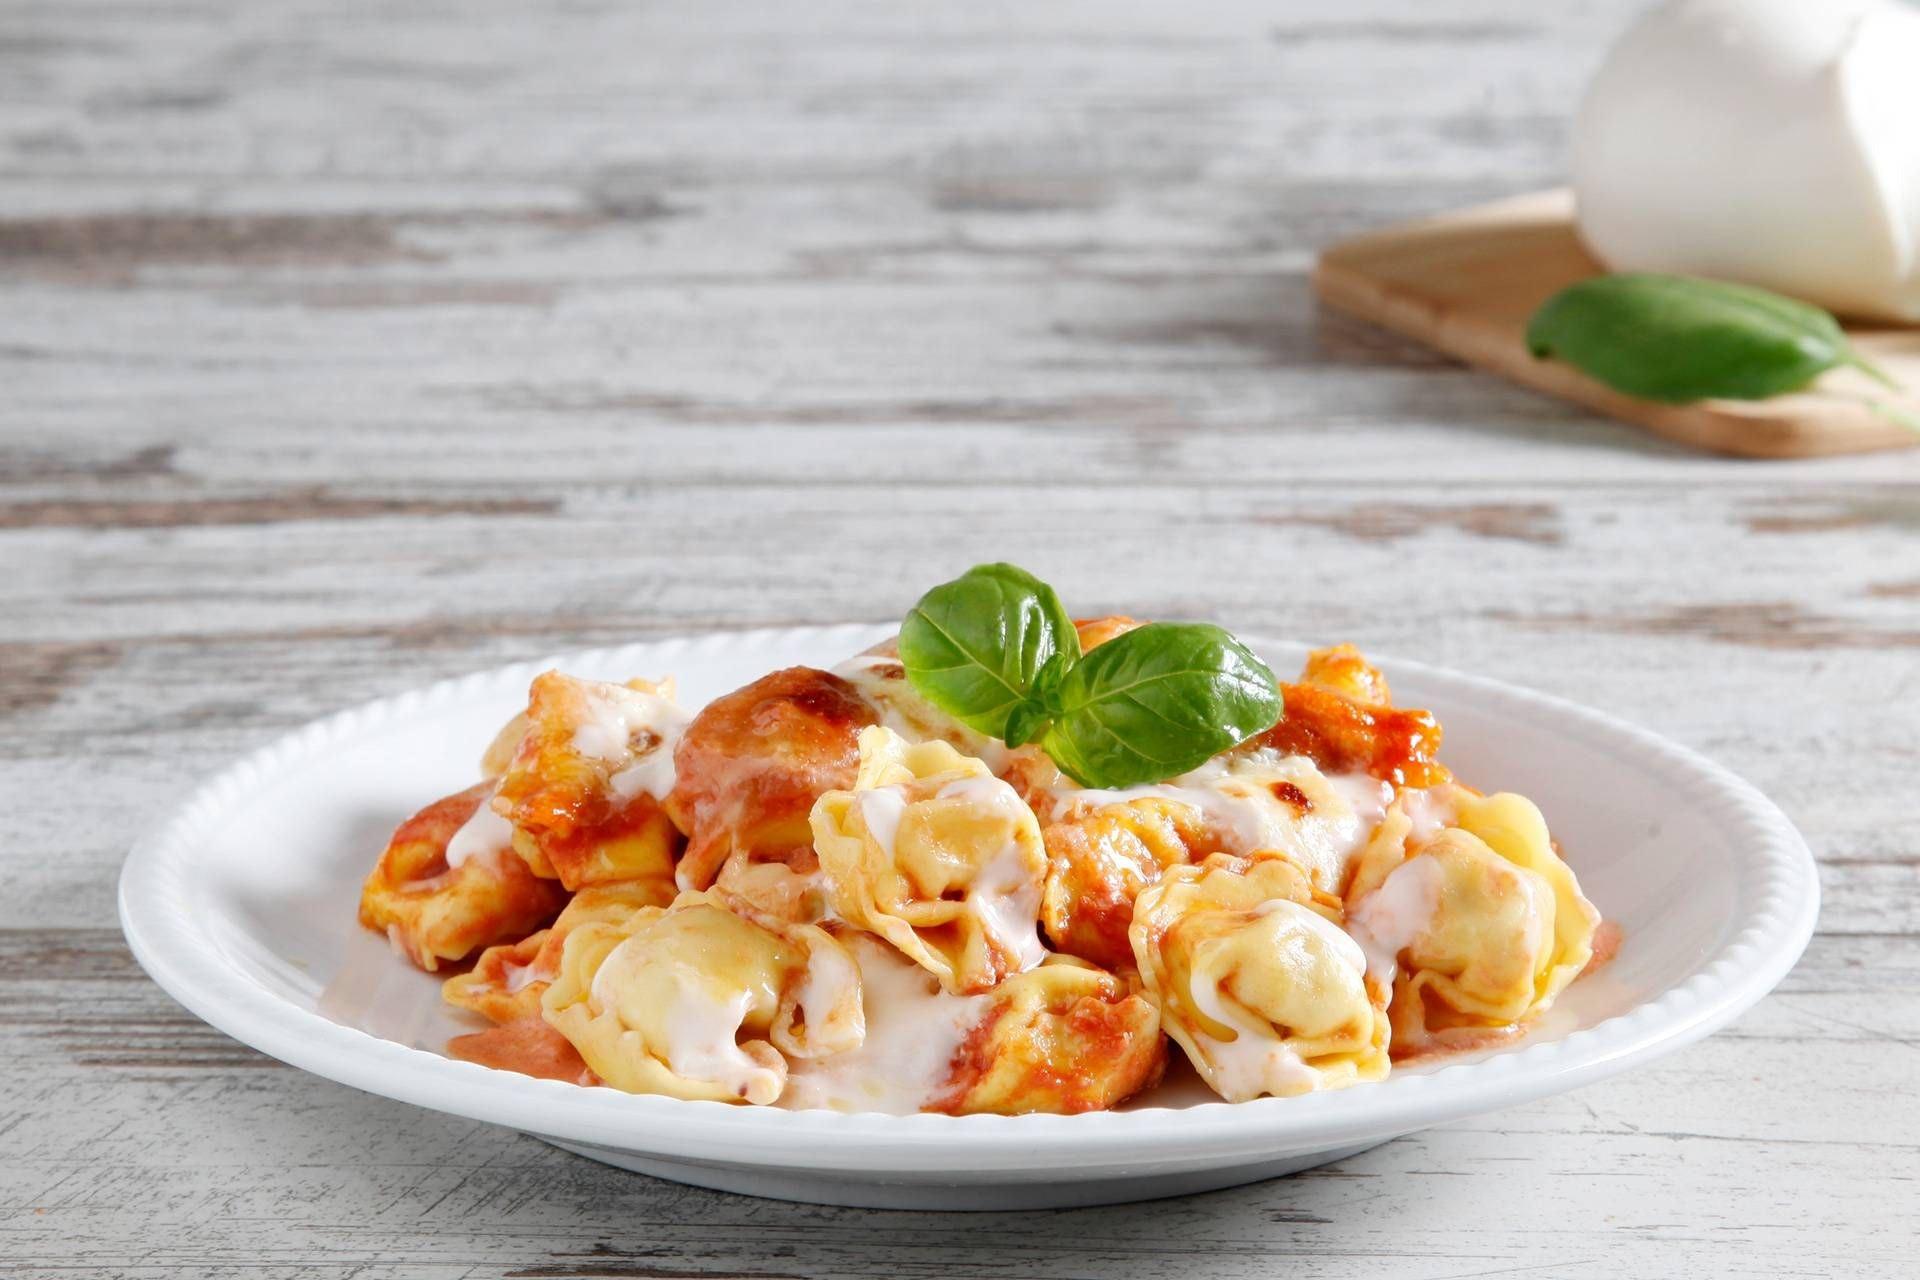 Tortellini al forno con mozzarella e pomodoro - Parmalat